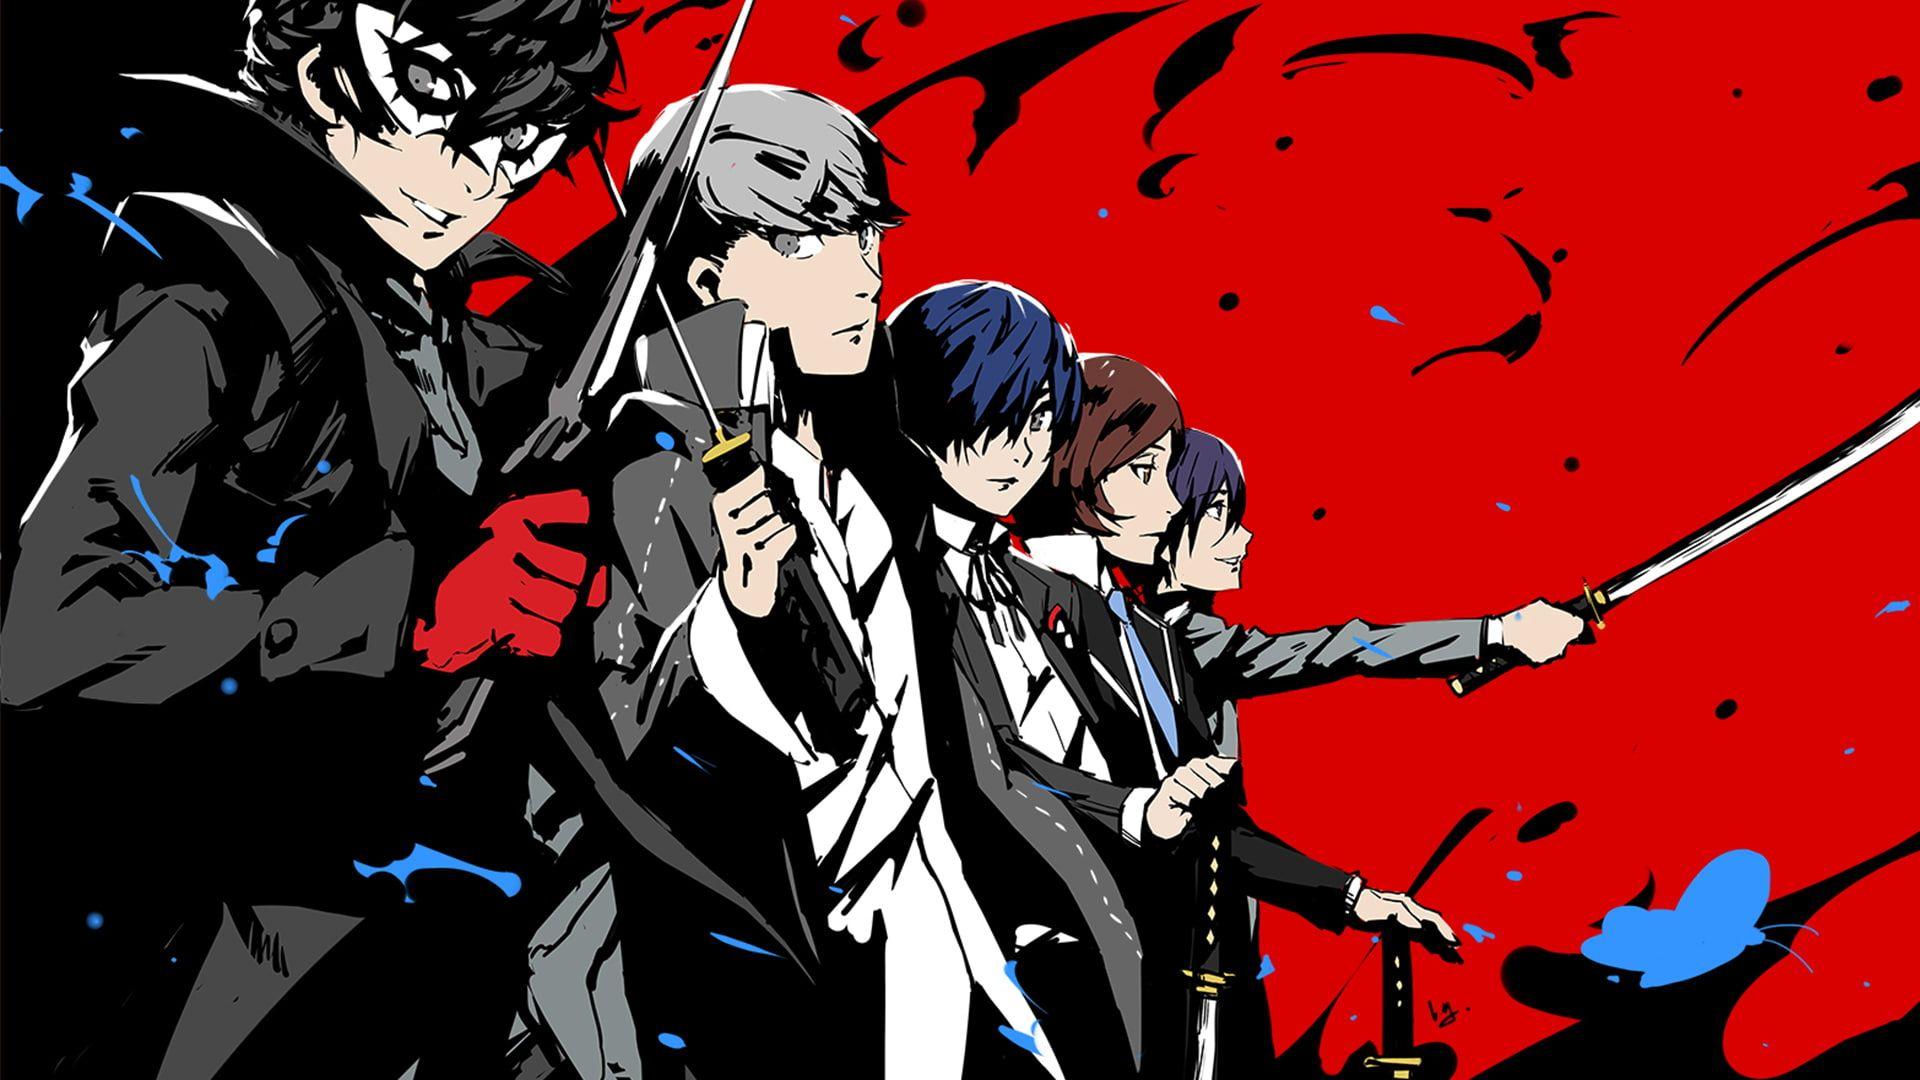 Persona Anime Joker Persona Persona 2 Persona 3 Persona 4 Persona 5 Video Game Yu Narukami 1080p Wallpape Persona Crossover Persona 5 Persona 4 Wallpaper